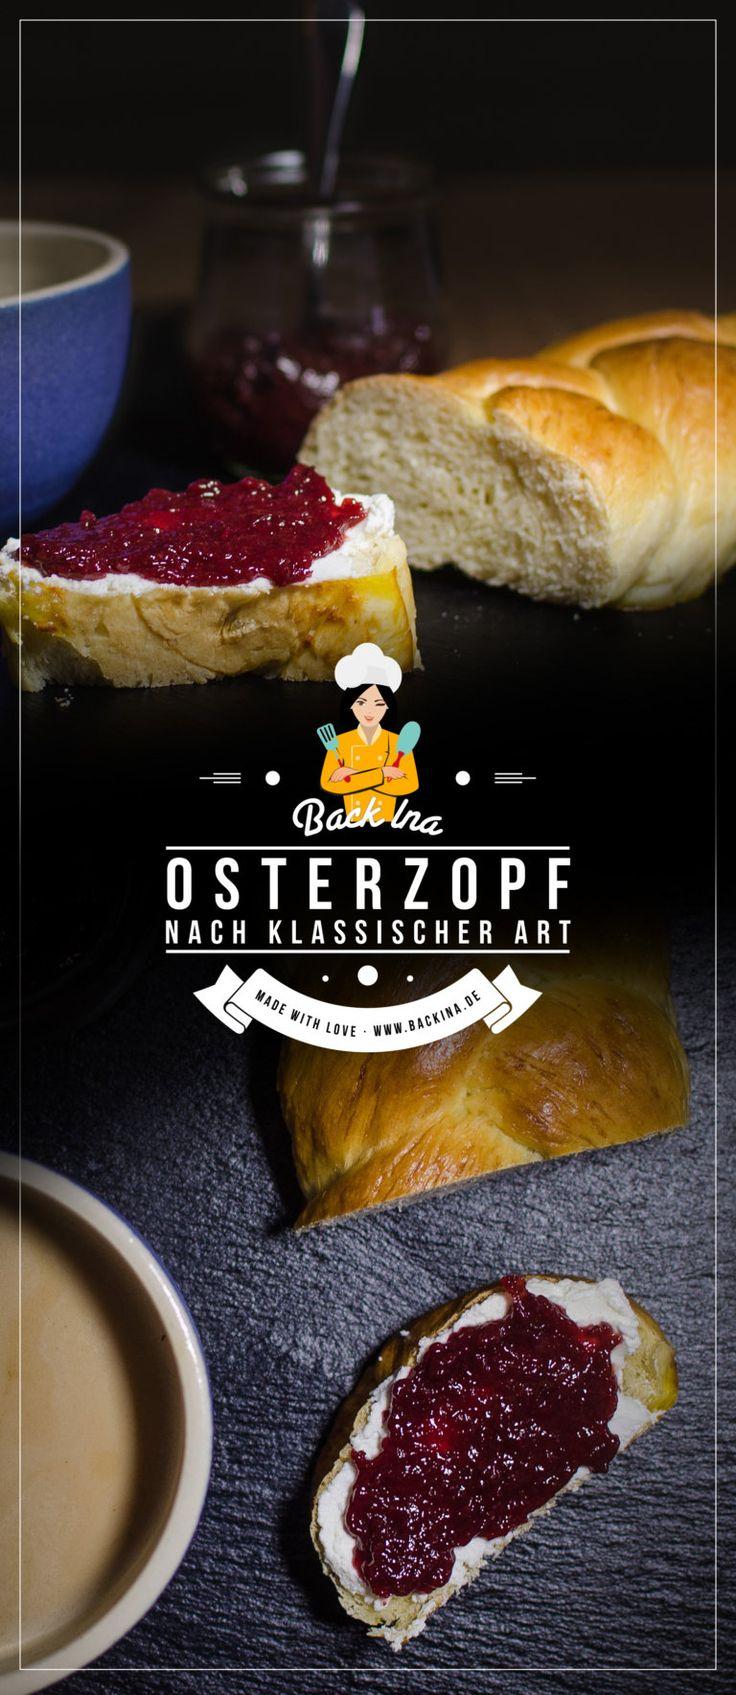 Klassischer Osterzopf aus Briocheteig mit wenig Butter | Backina.de